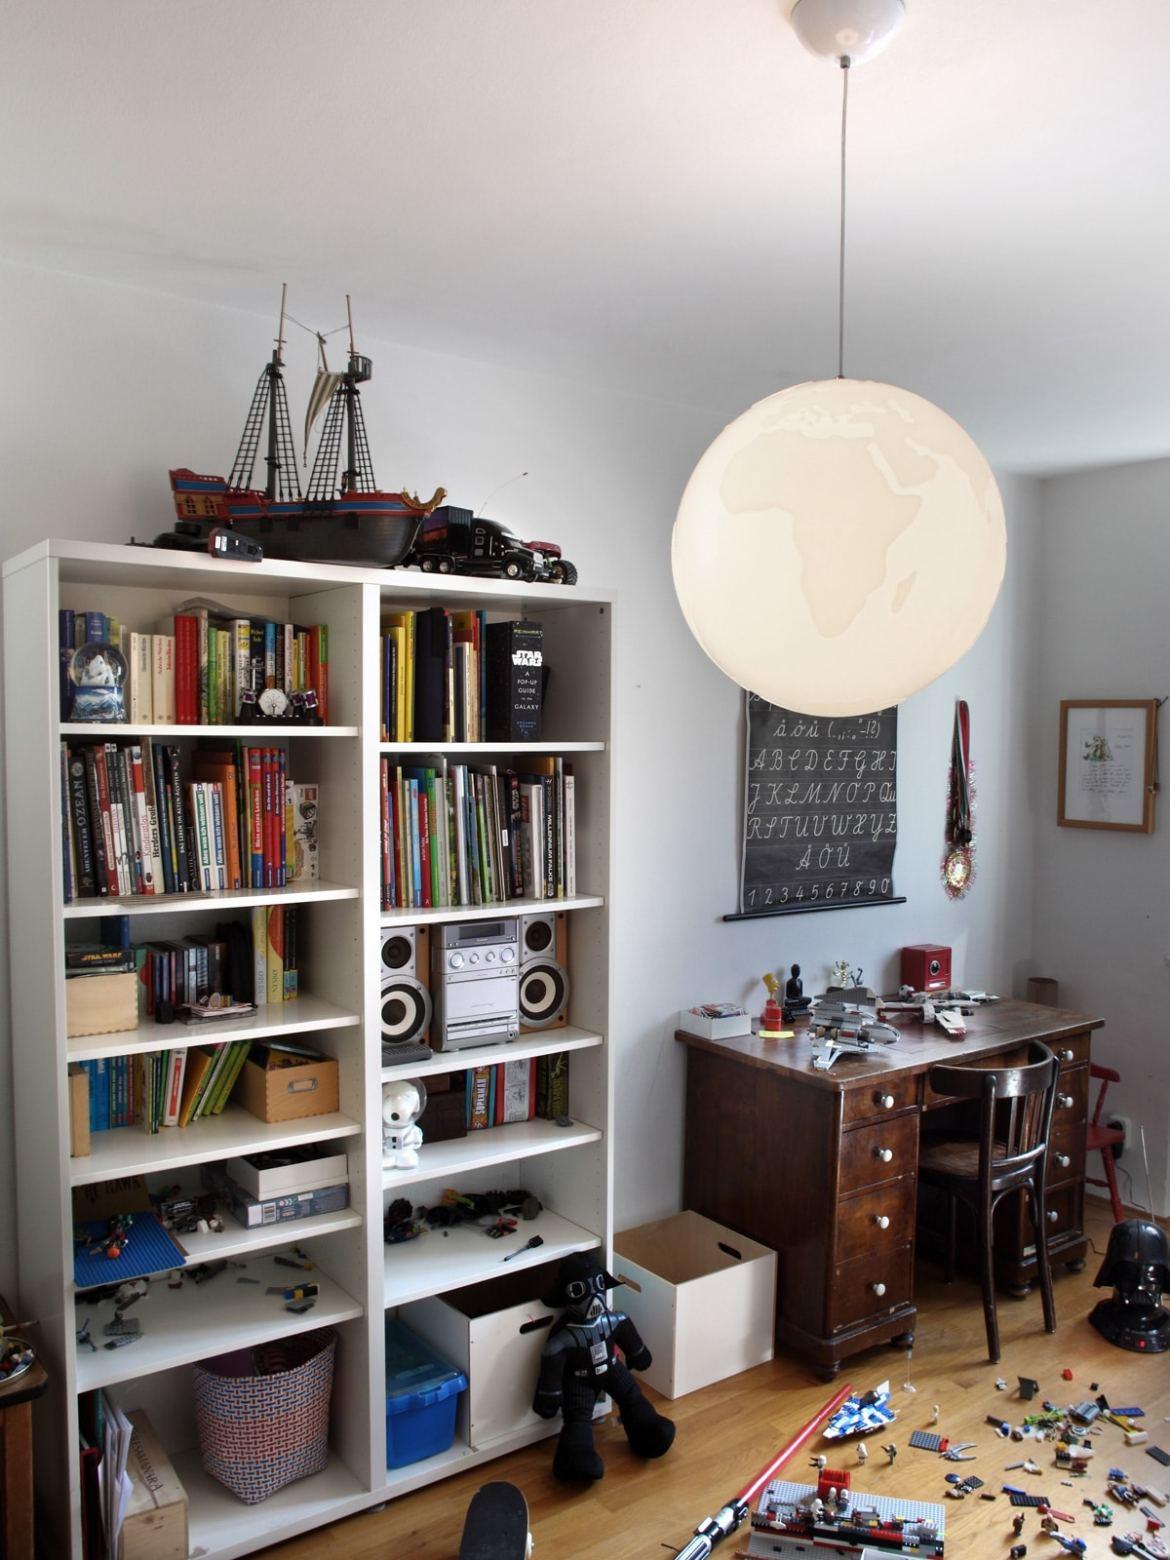 individuelle lampen leuchten f r kinderzimmer teil 1 lampen leuchten designerleuchten online. Black Bedroom Furniture Sets. Home Design Ideas